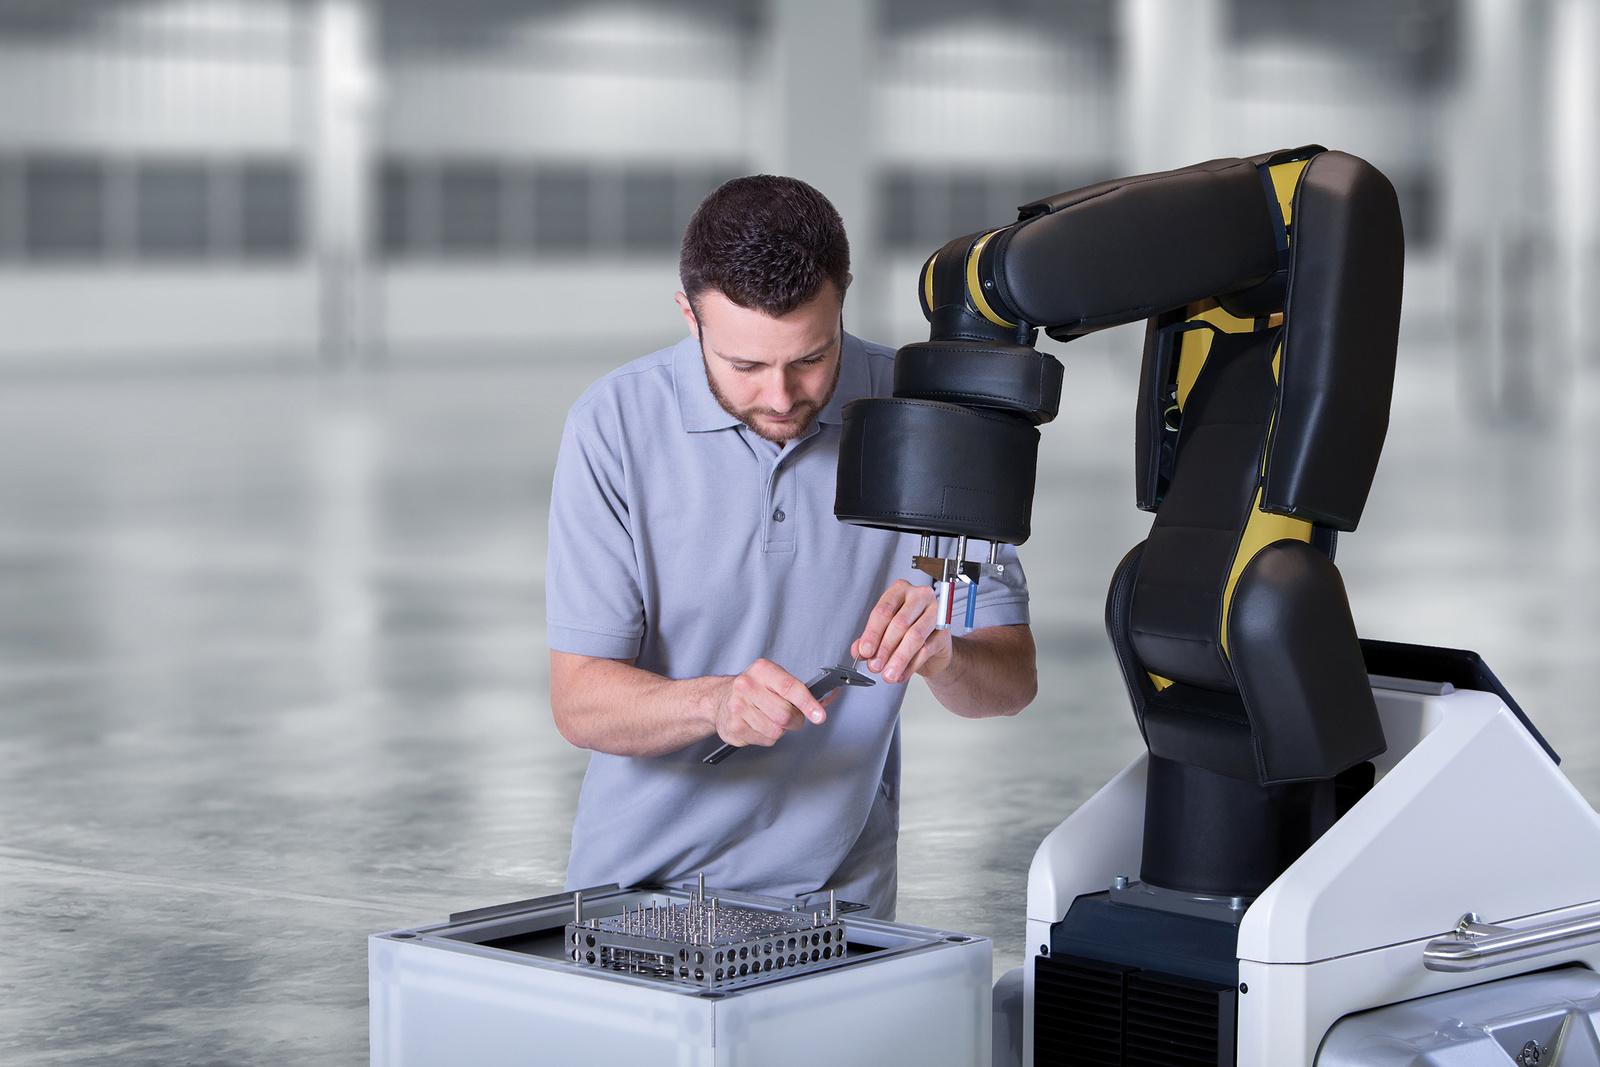 Bosch APAS assistant